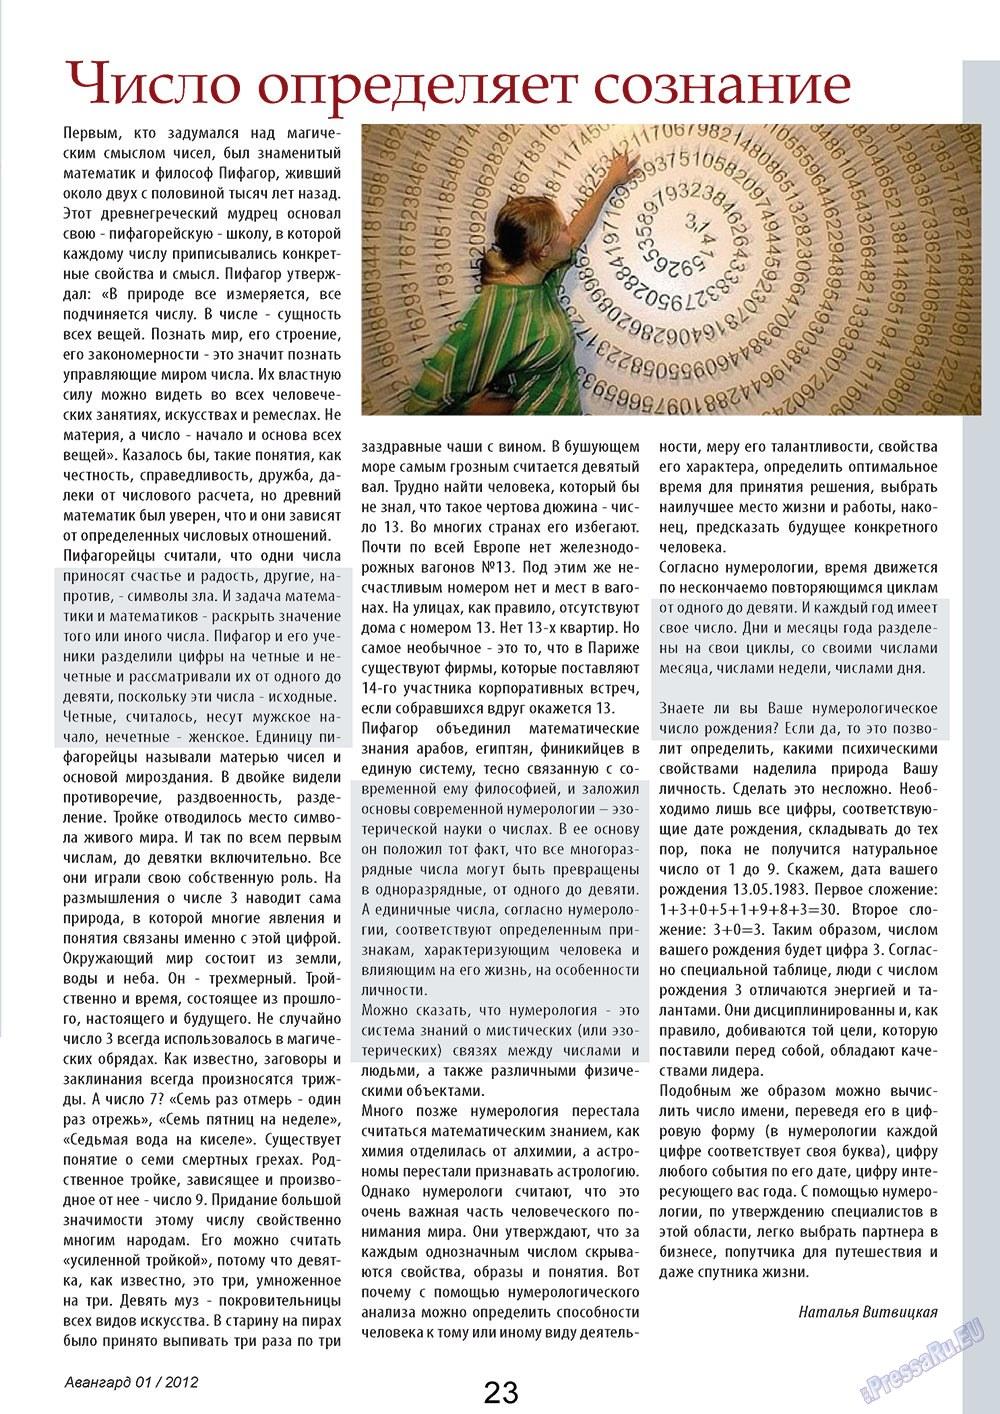 Авангард (журнал). 2012 год, номер 1, стр. 23